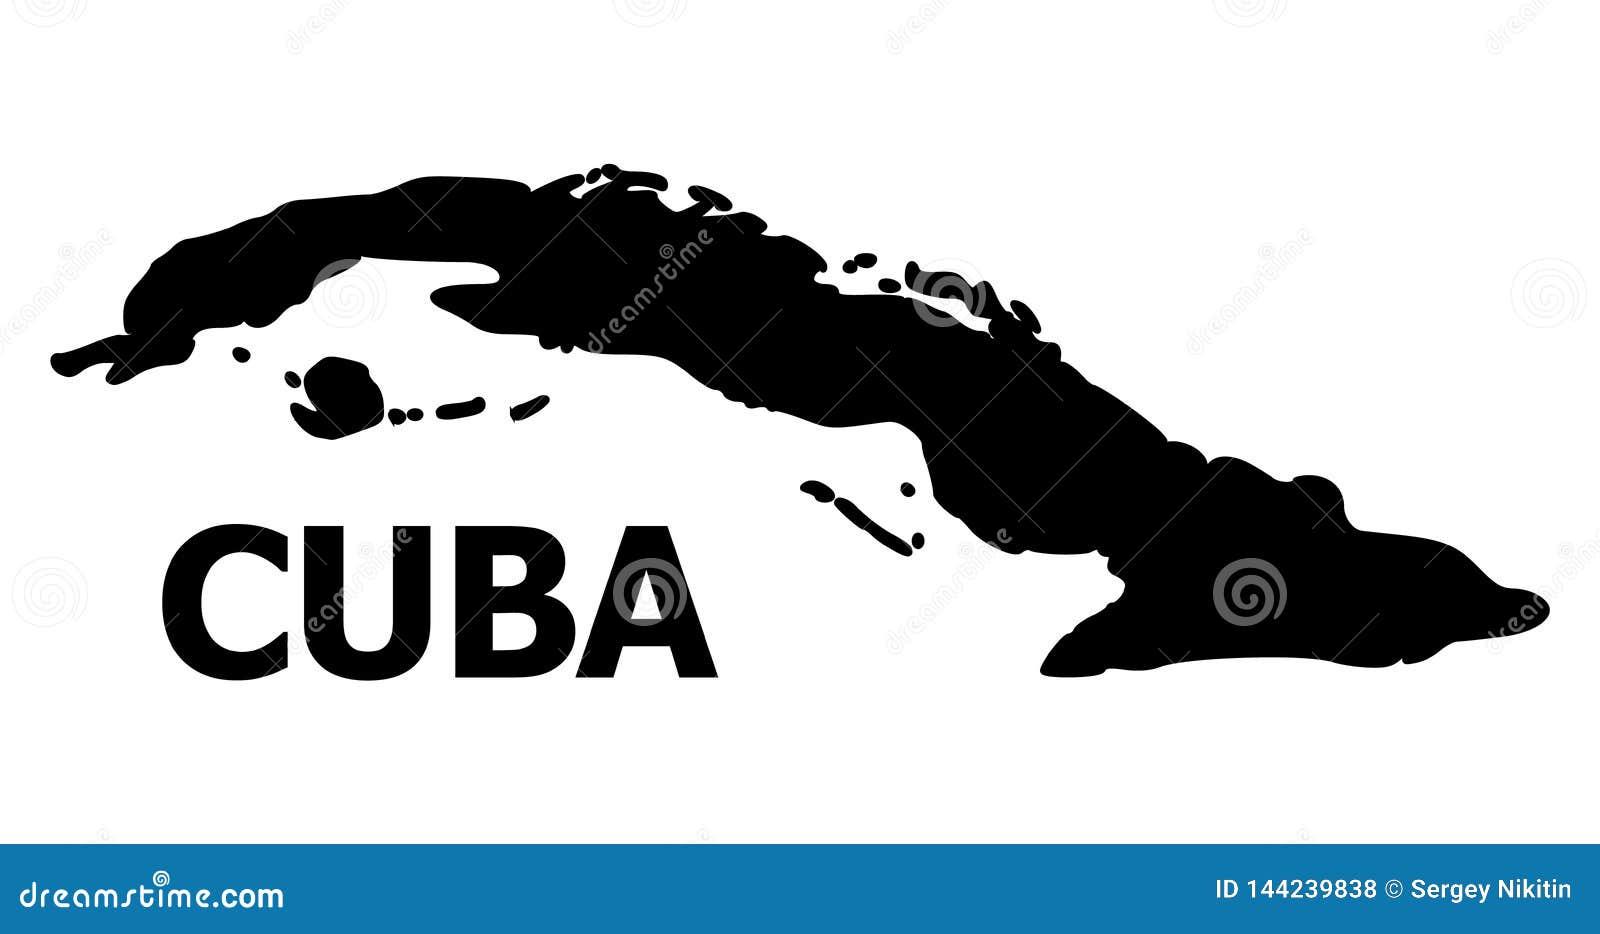 Карта вектора плоская Кубы с титром